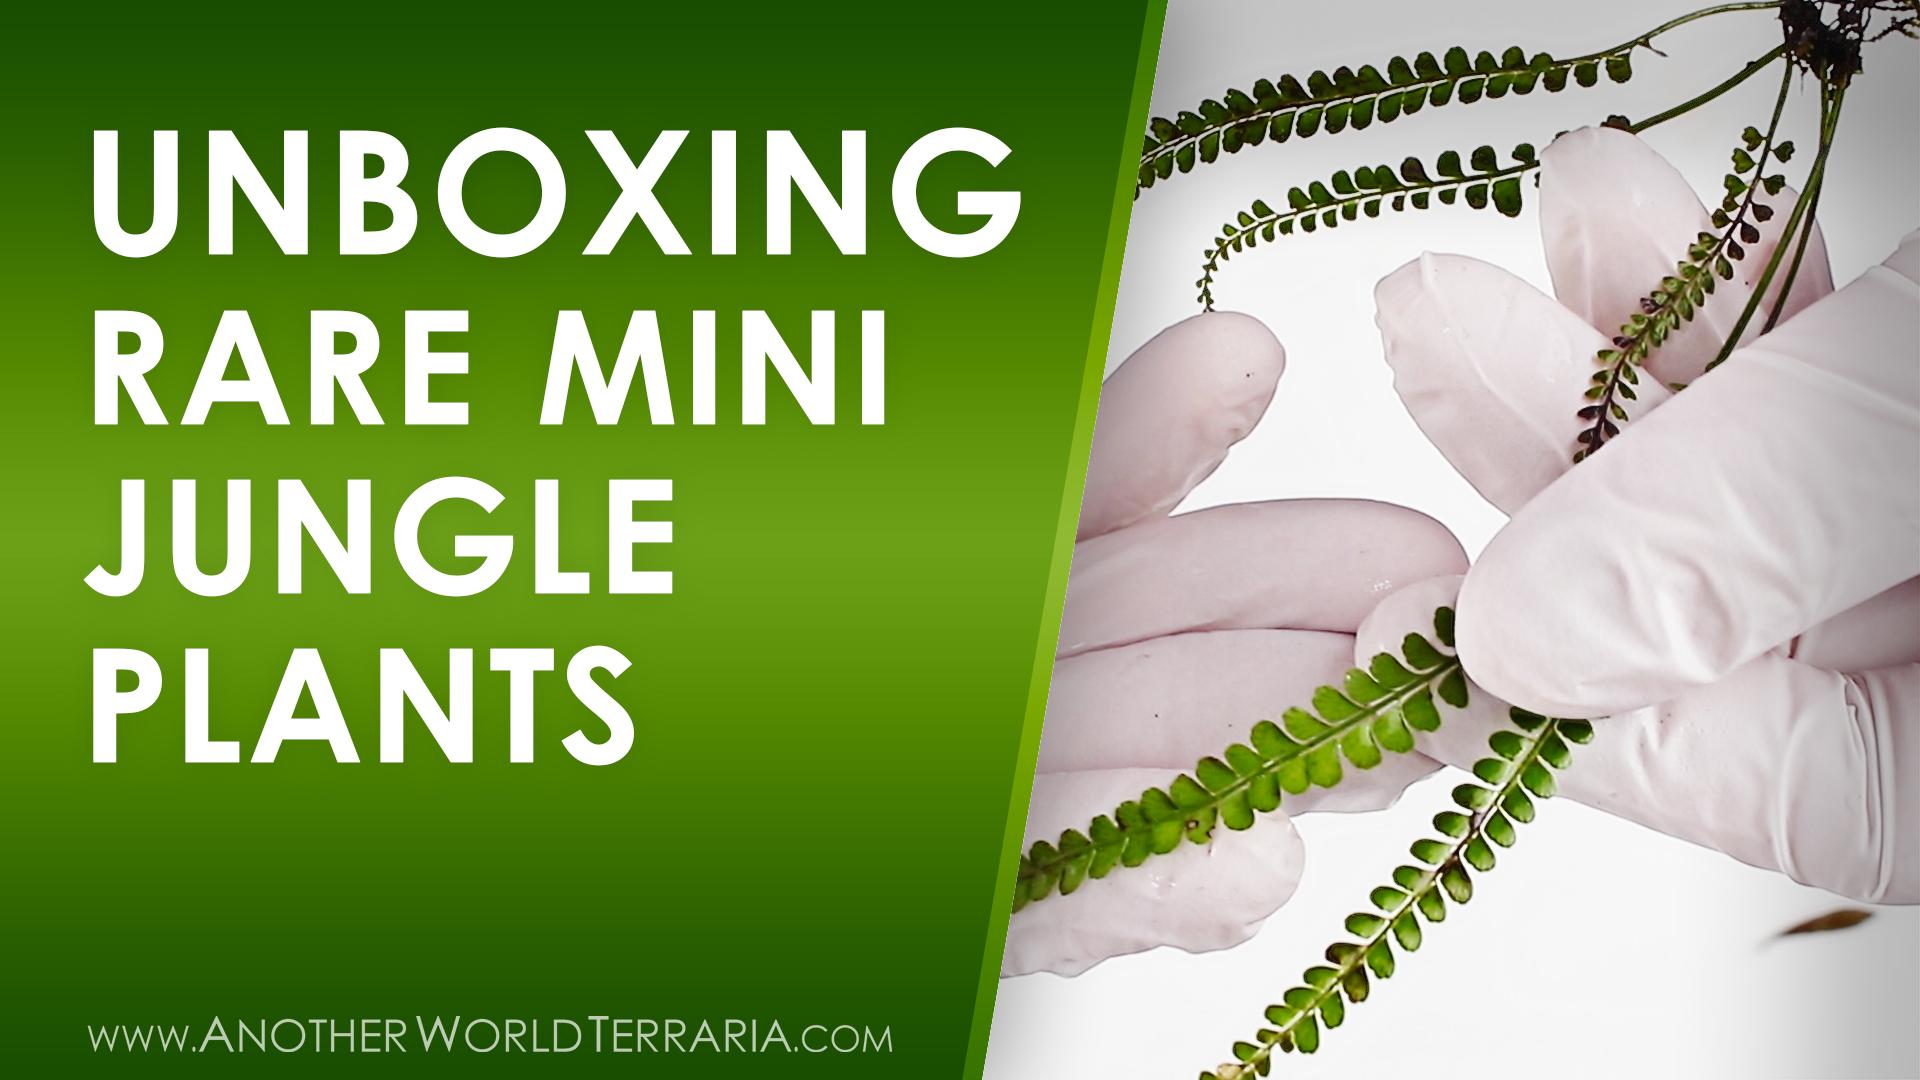 Unboxing rare mini jungle plants